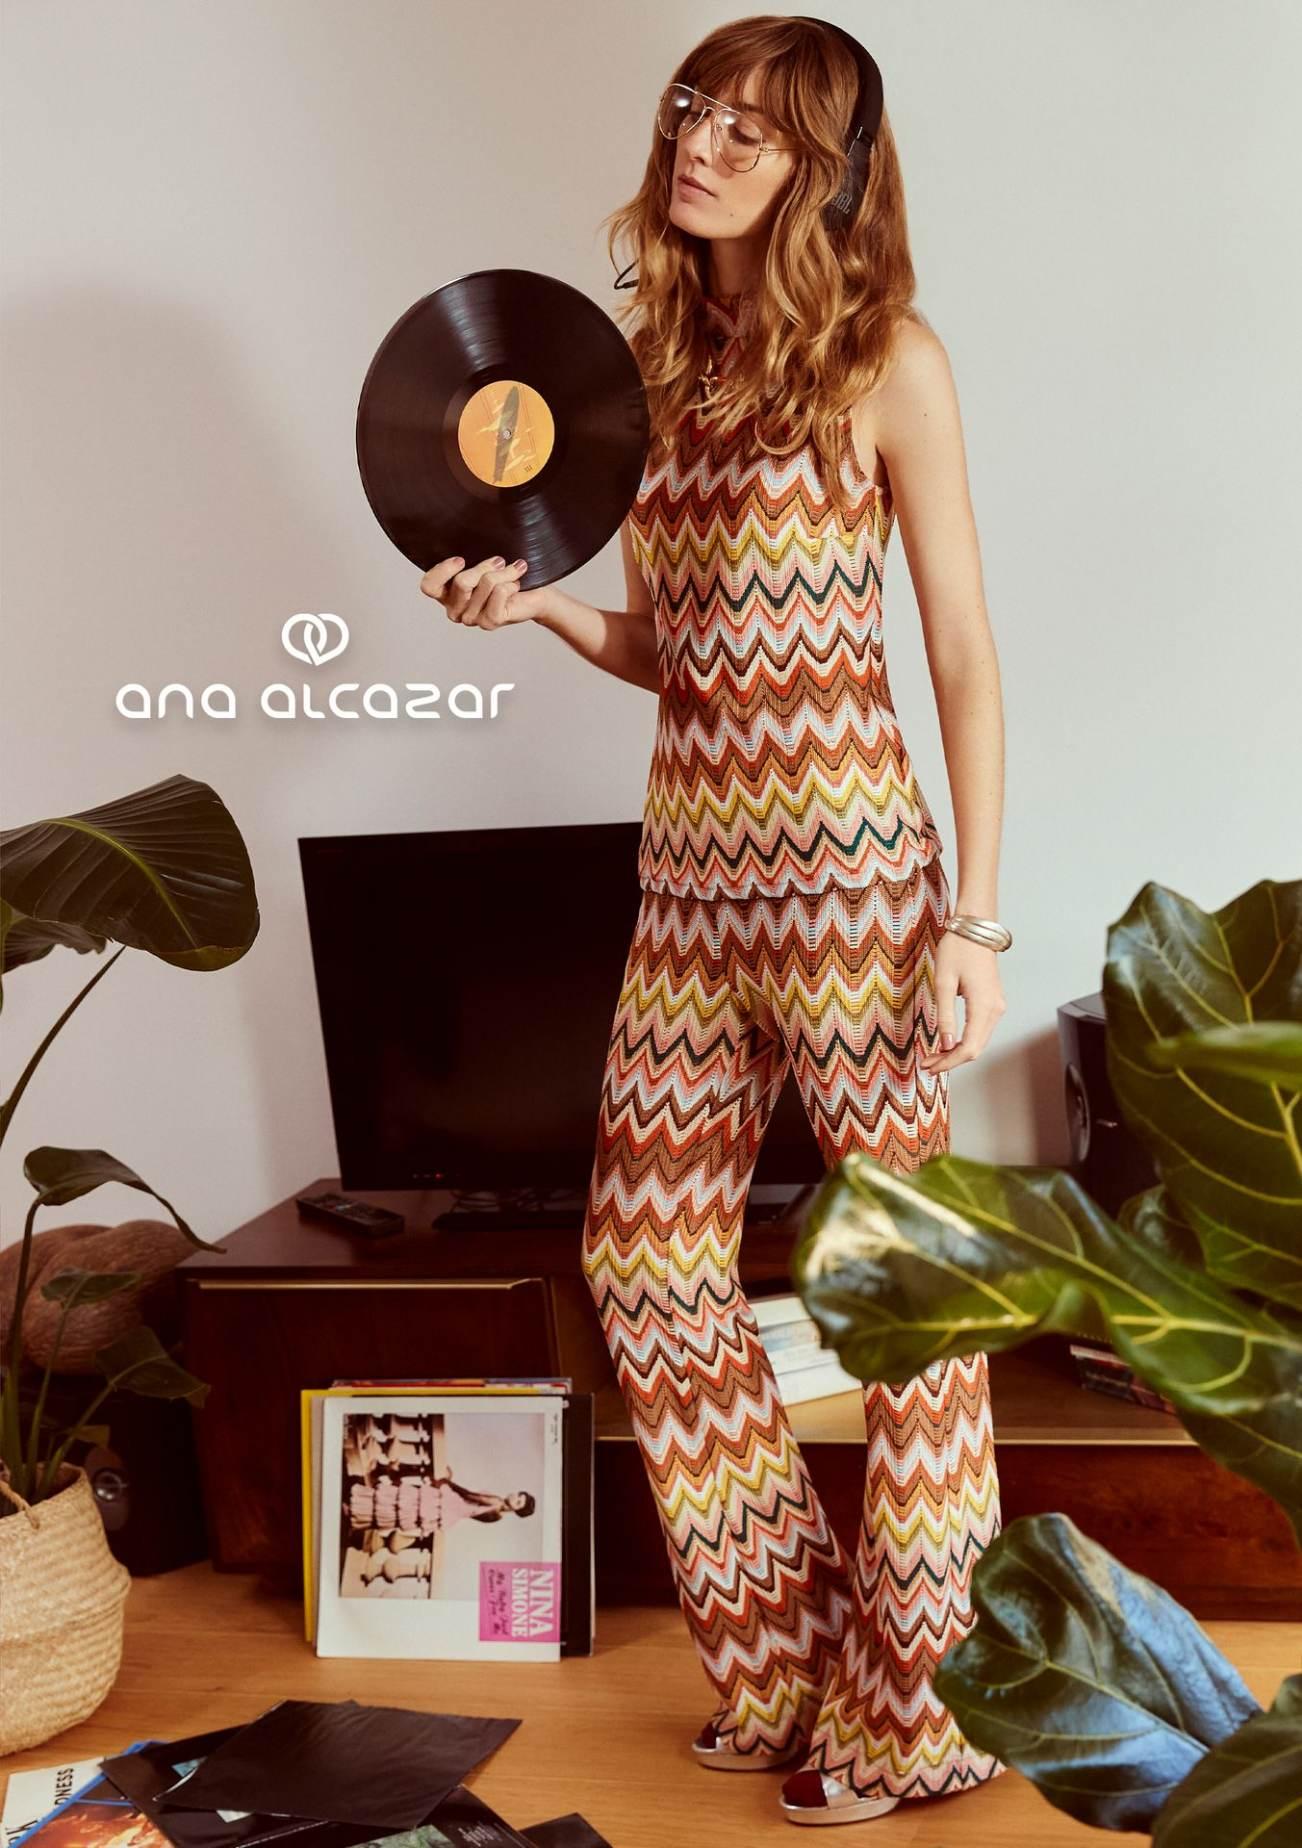 veronika bacher 2021 Ana Alcazar 001 SS2021 4 scaled